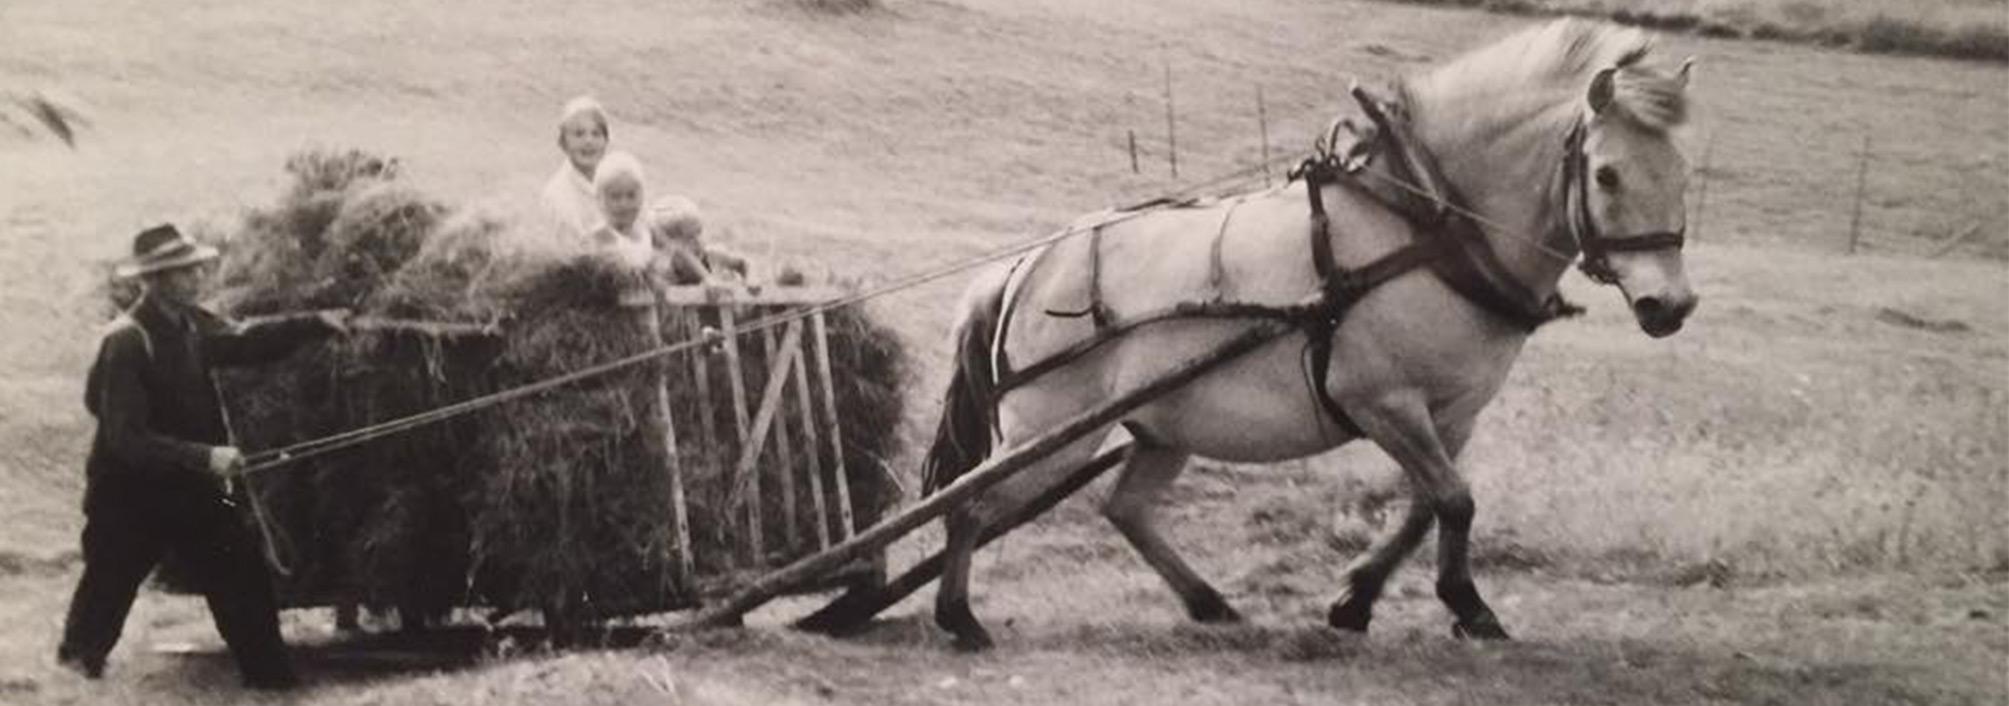 lifestyle-whats-your-story-har-vi-det-verre-enn-besteforeldrene-våre-haugebu-hesten